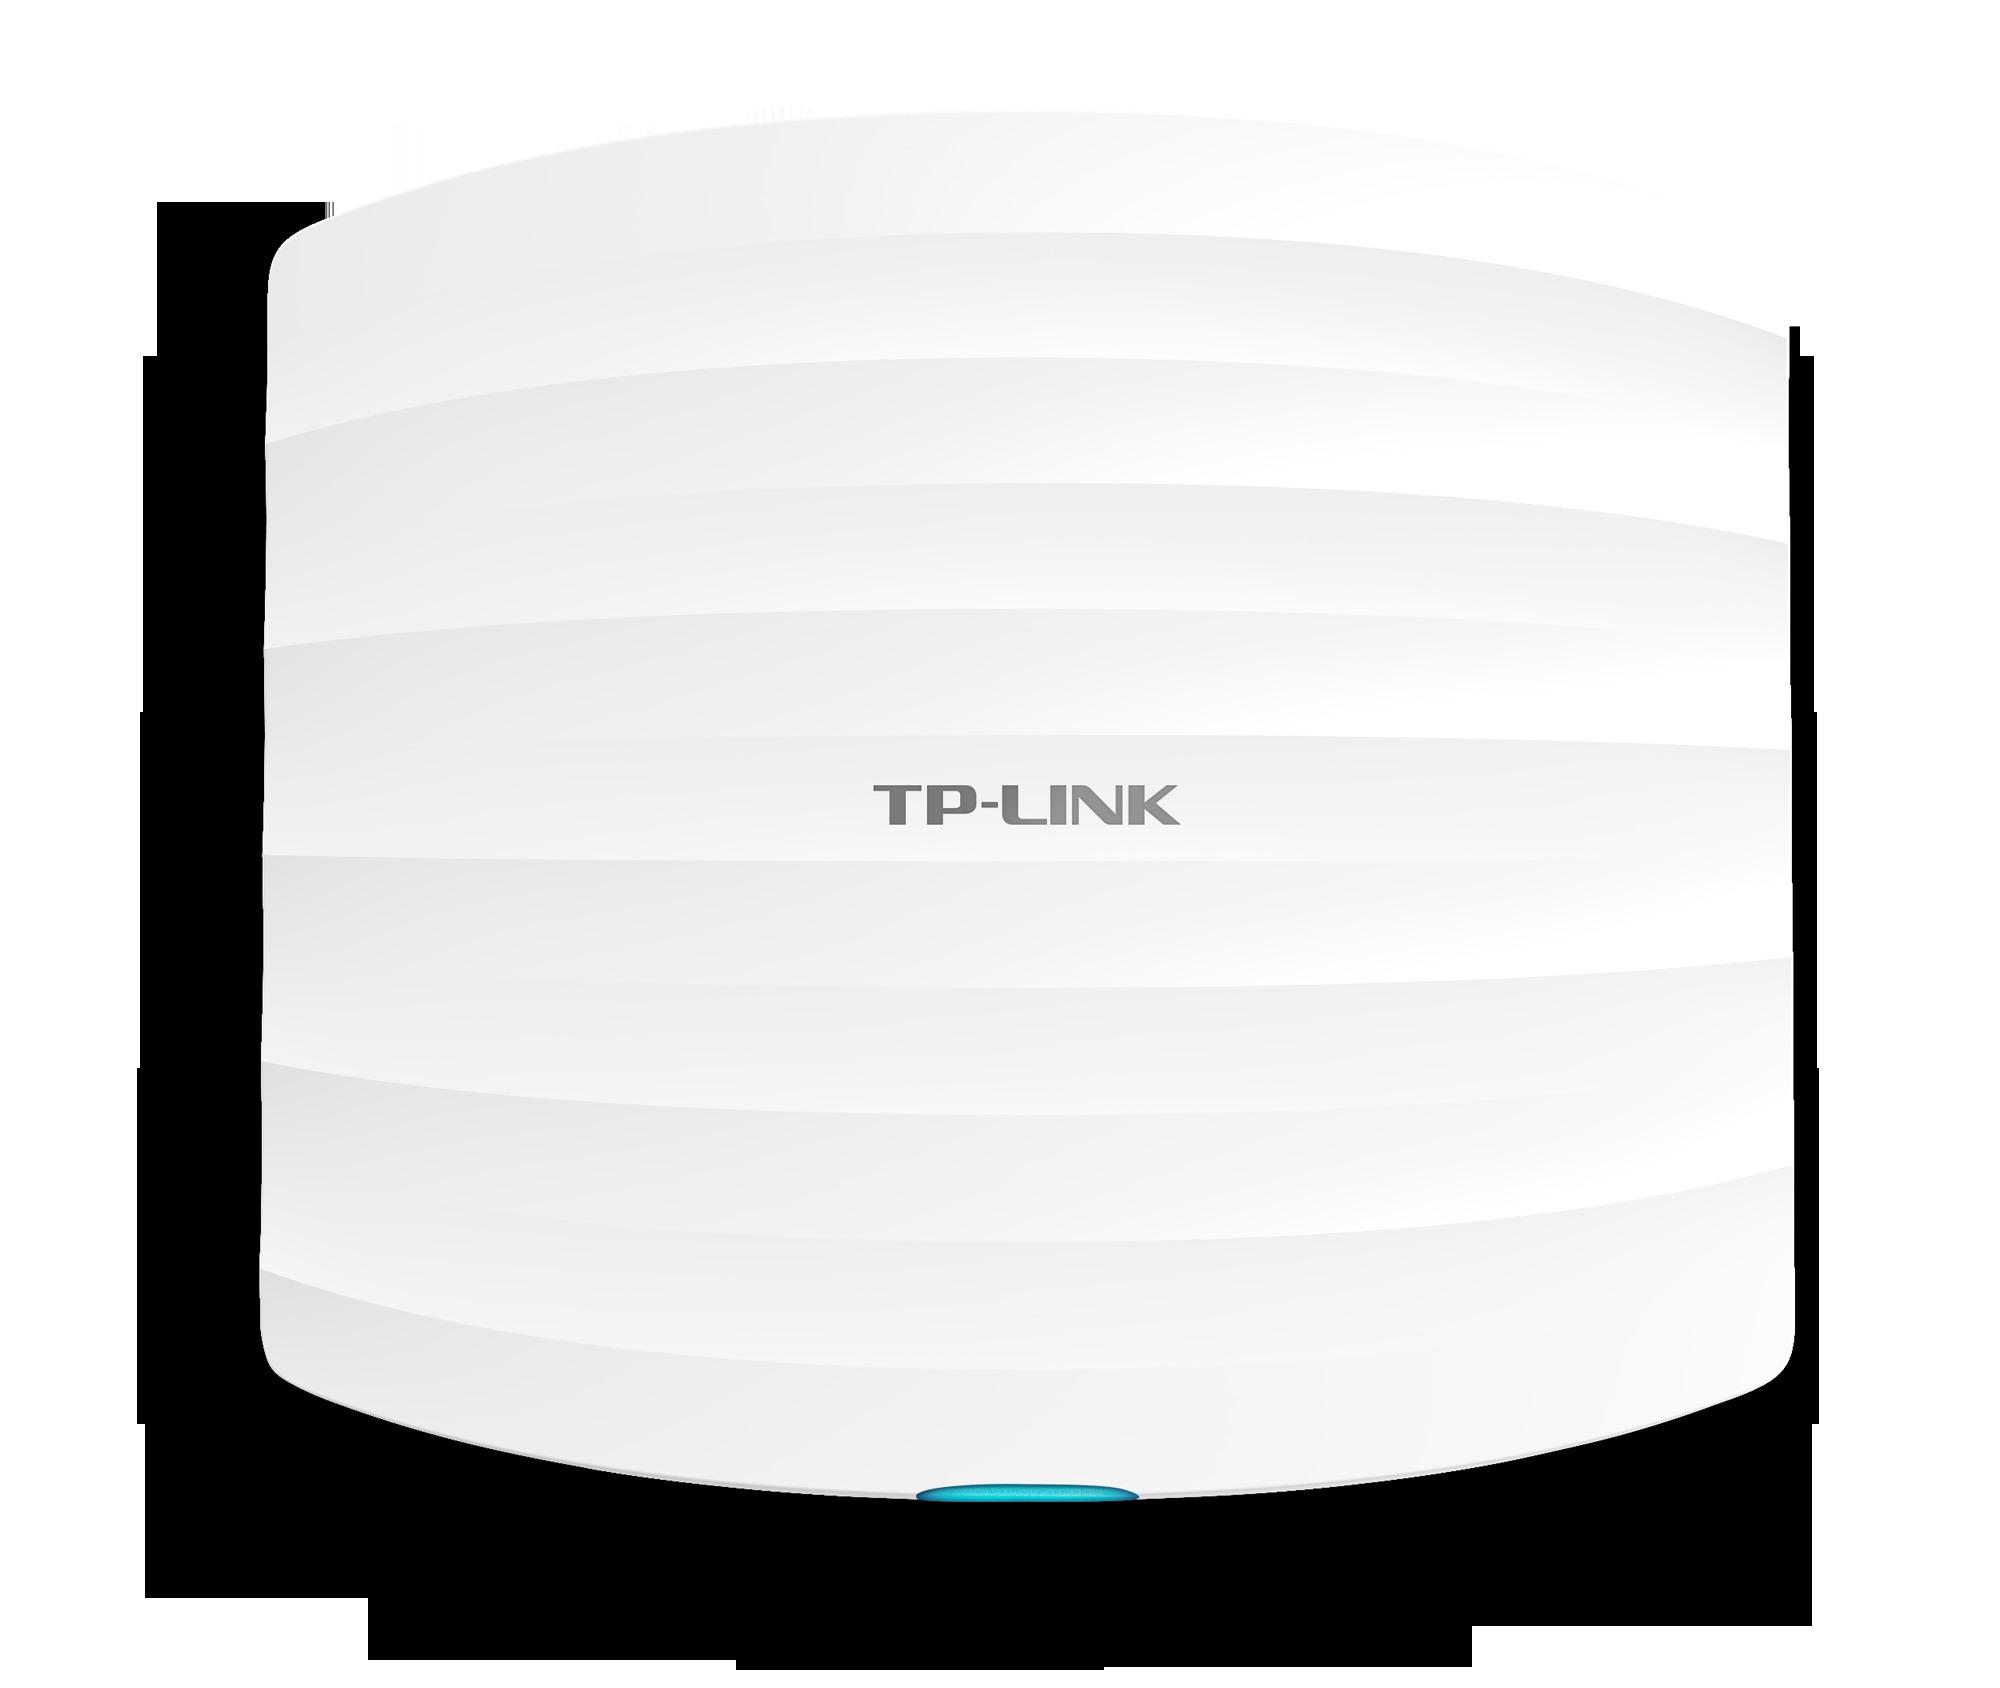 威思数码专营店_TP-Link/普联技术品牌